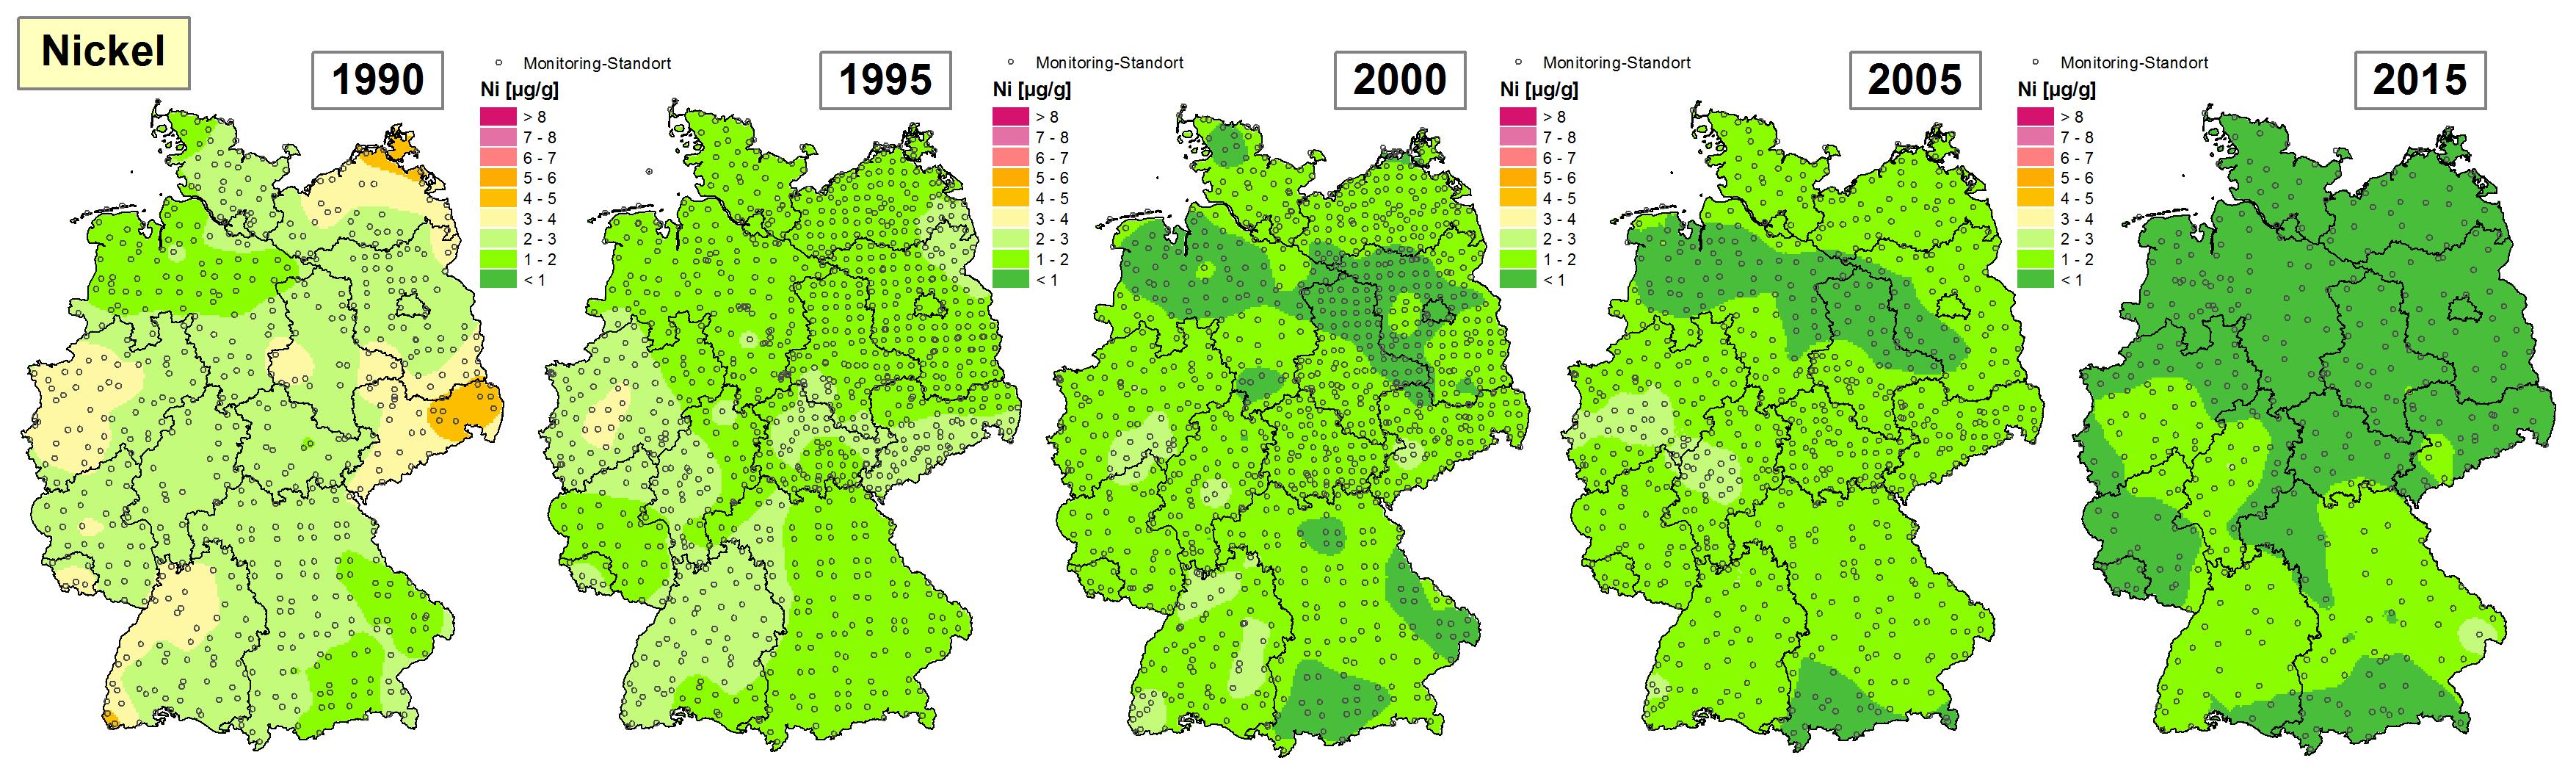 Die Grafik zeigt die Höhe der Bioakkumulation von Nickel und Entwicklung dieser Konzentration von 1990 bis 2015/16 in Deutschland.